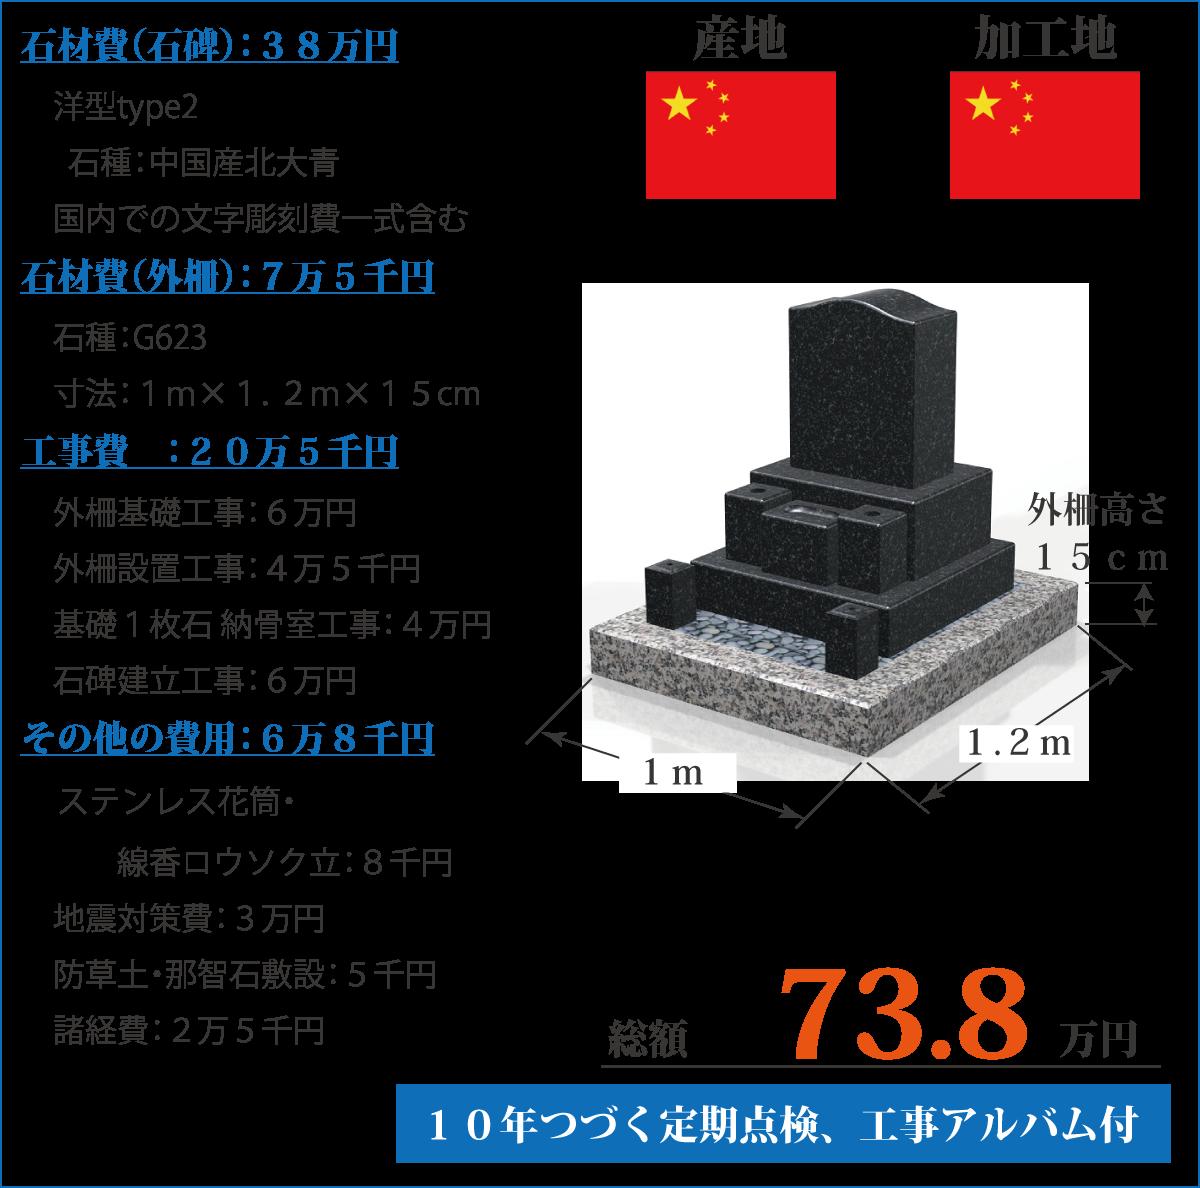 外柵セットの価格、洋型type2:中国産北大青